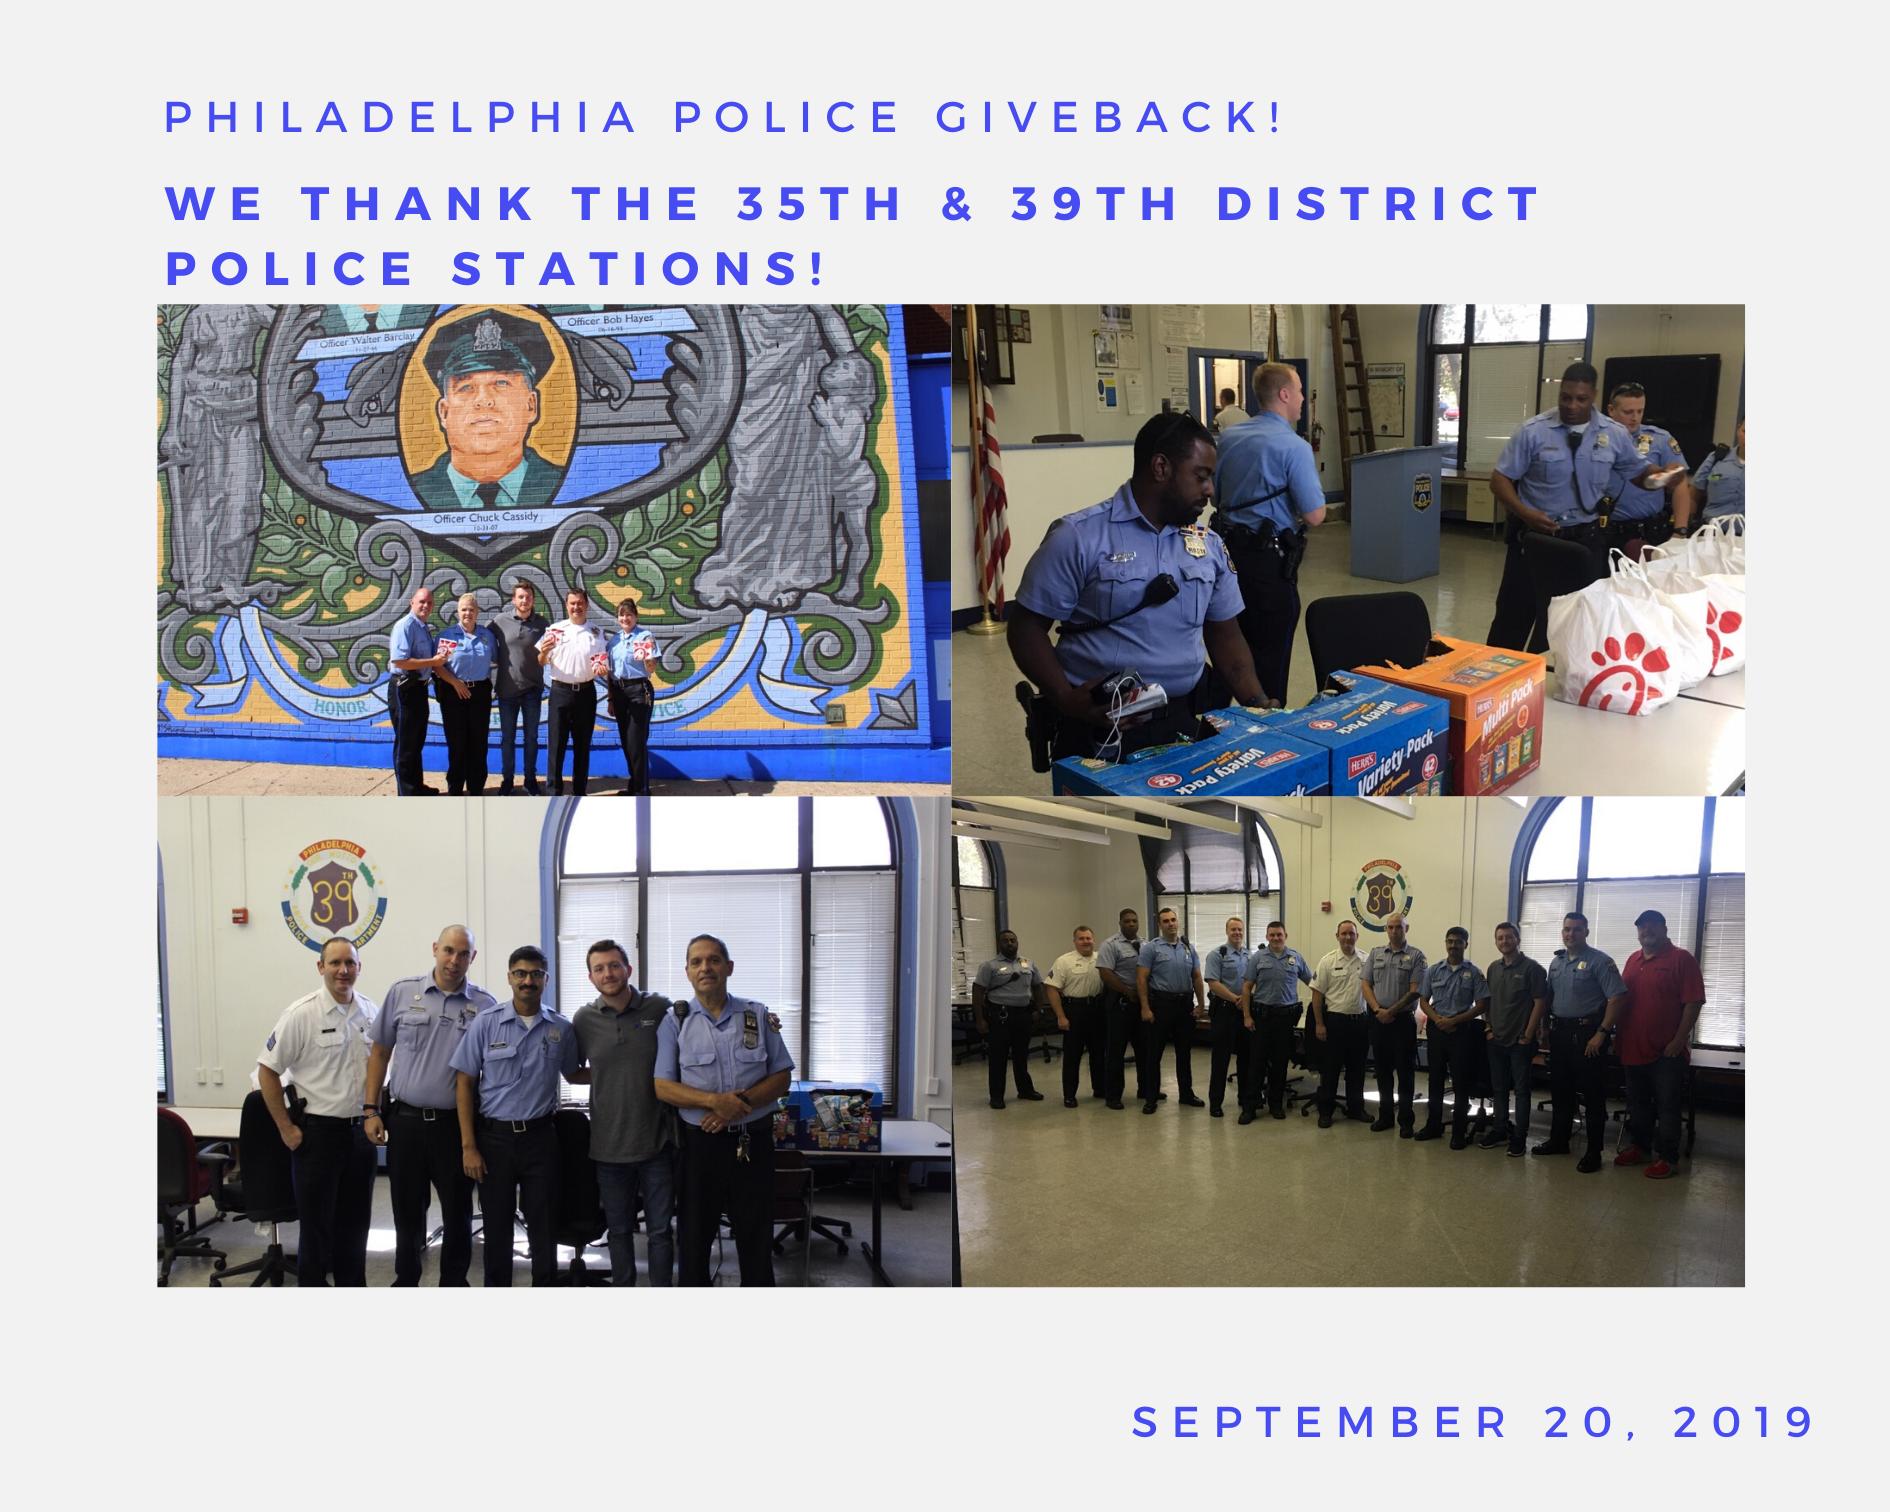 Philadelphia Police Giveback